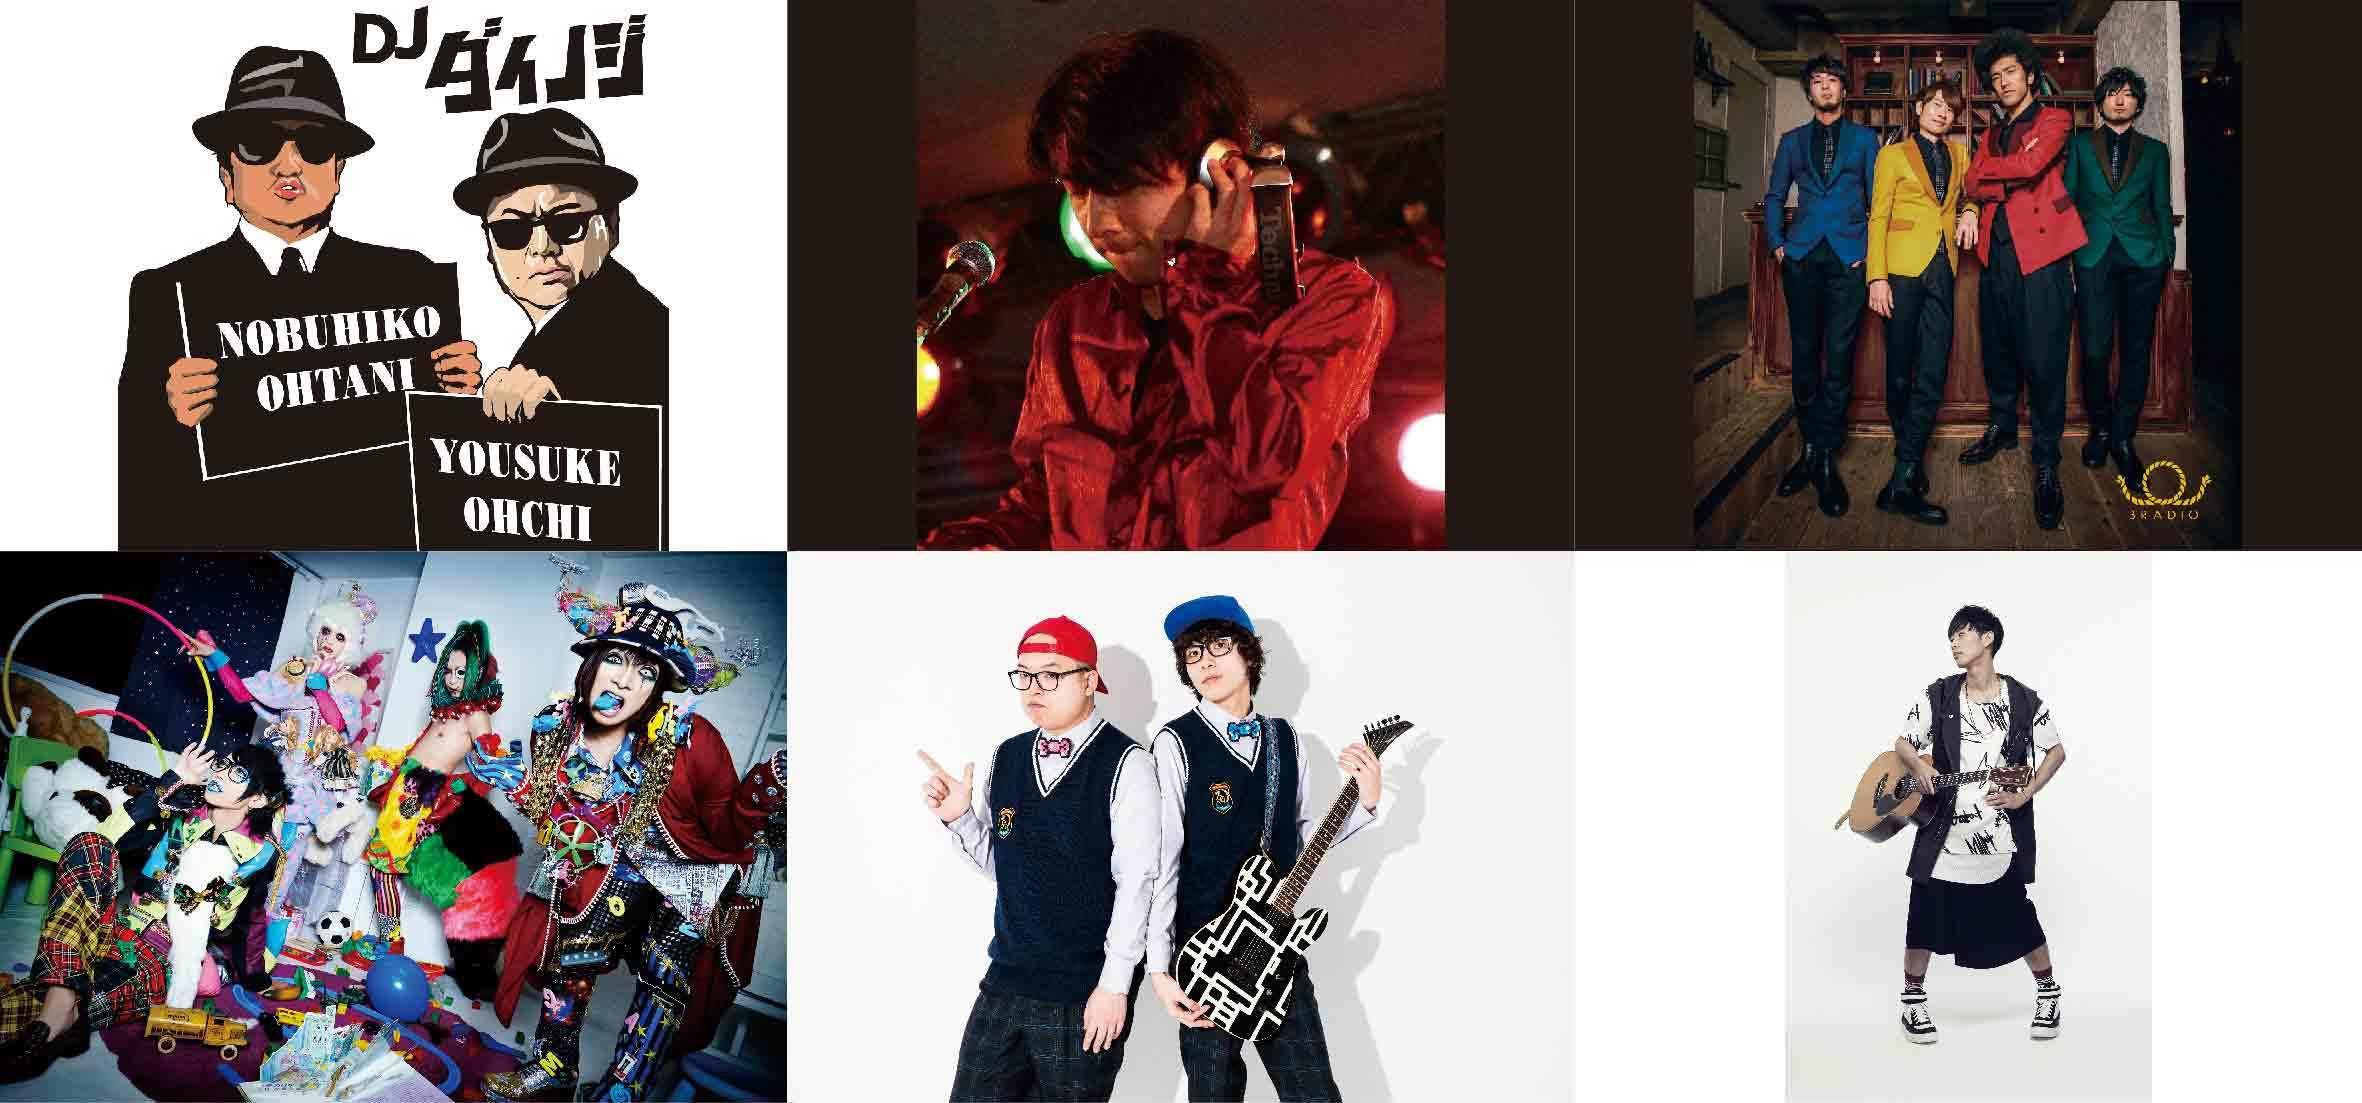 ◆1月9日/浅井博章、DJダイノジ、BRADIO、えんそく、ONIGAWARA、大石昌良 ほか